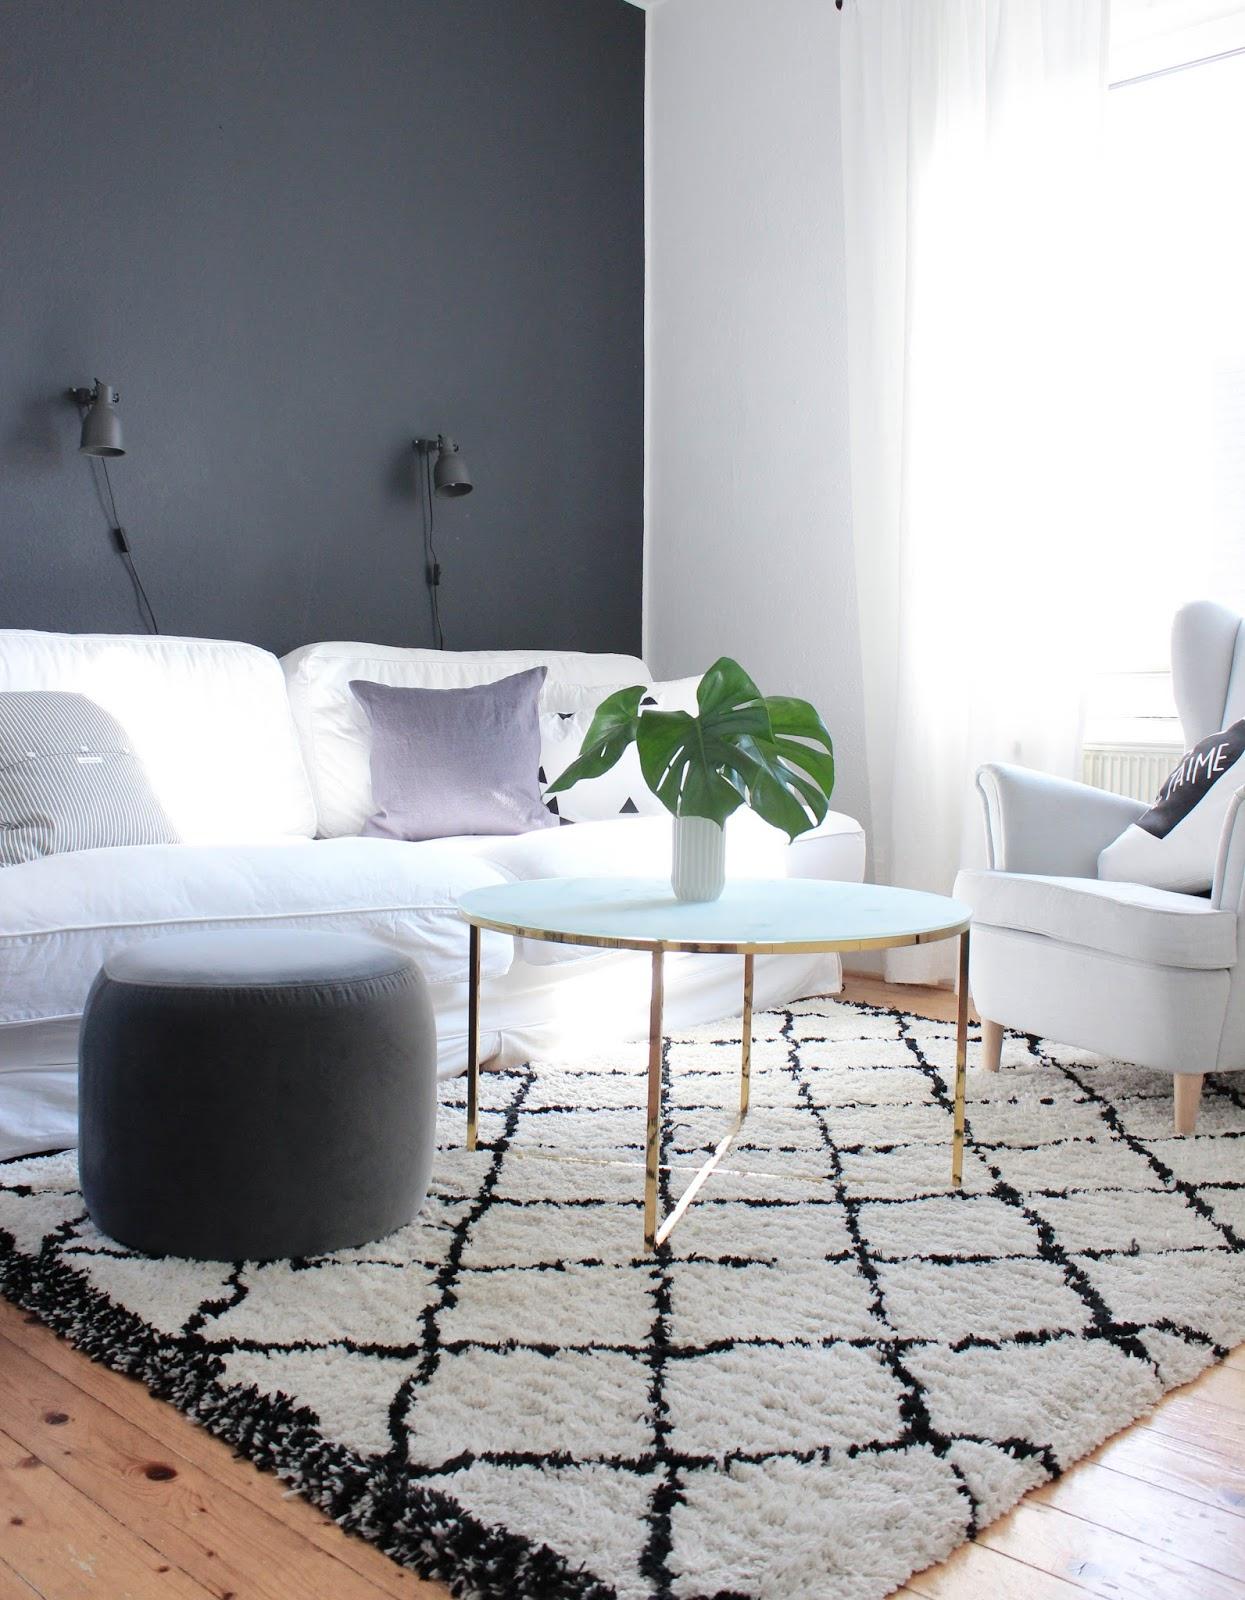 das wohnzimmer und unsere dunkelgraue wand news zum umzug maditas haus lifestyle und. Black Bedroom Furniture Sets. Home Design Ideas